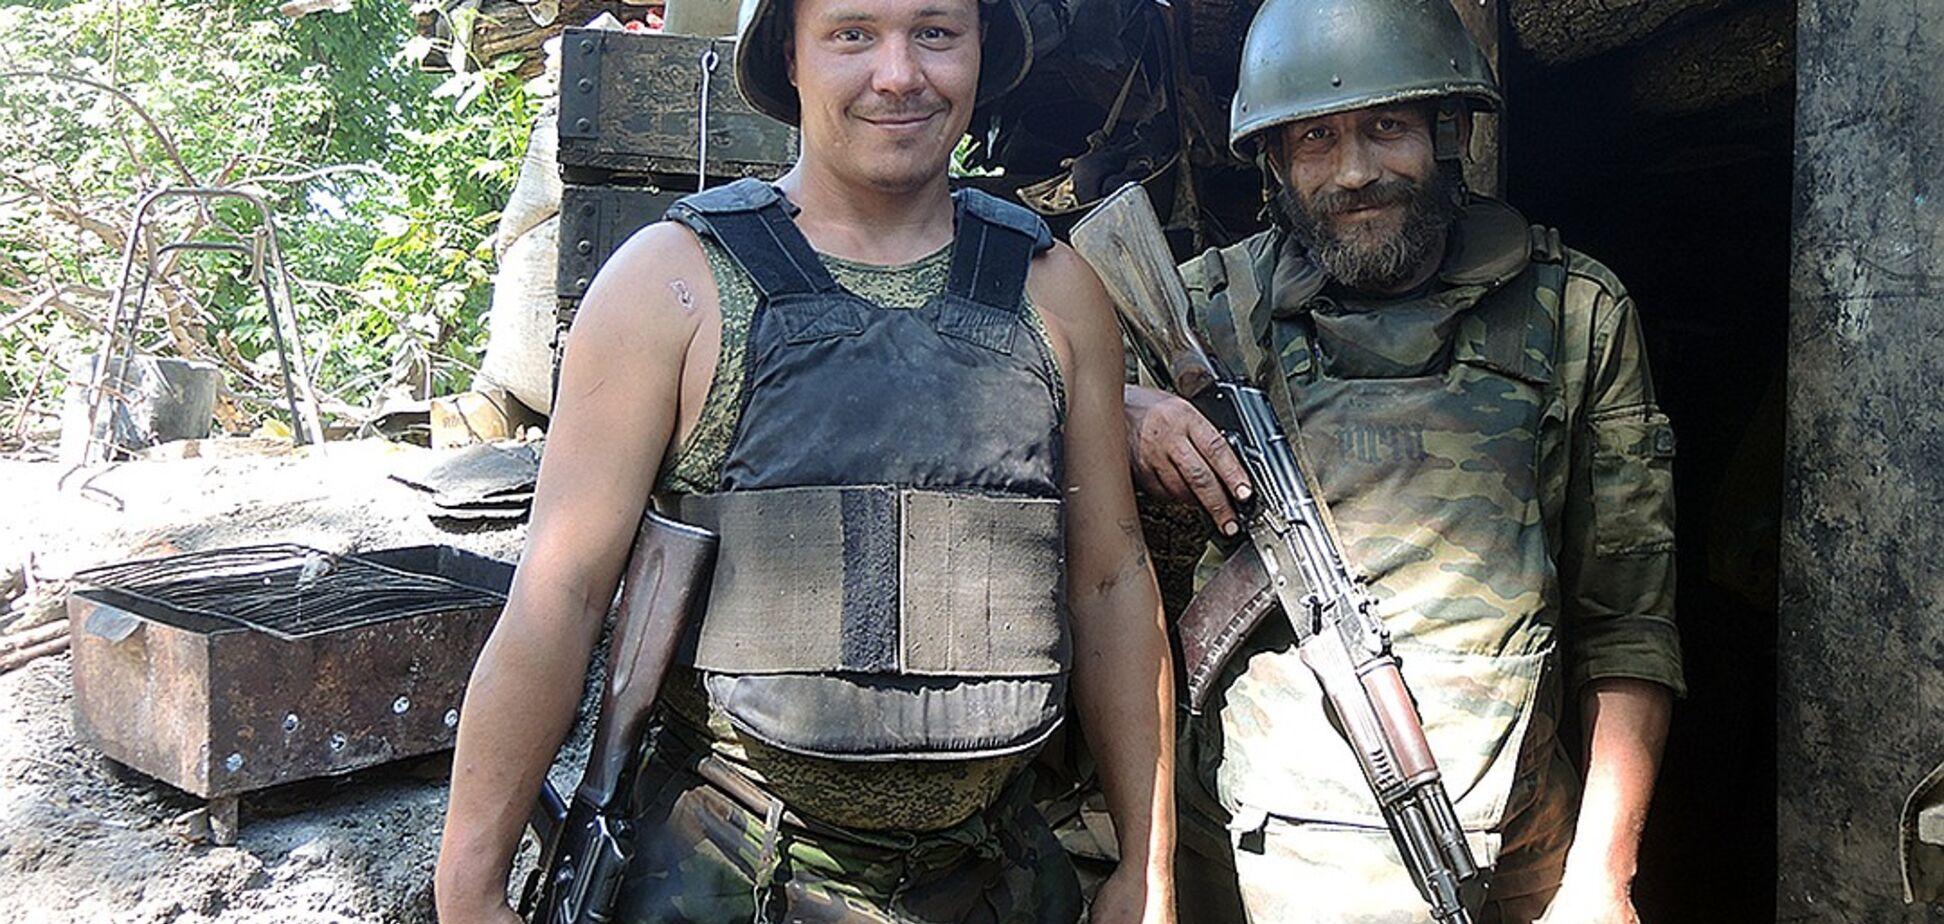 'Ежики в тумане': росСМИ 'засветили' передовую позицию 'ДНР'